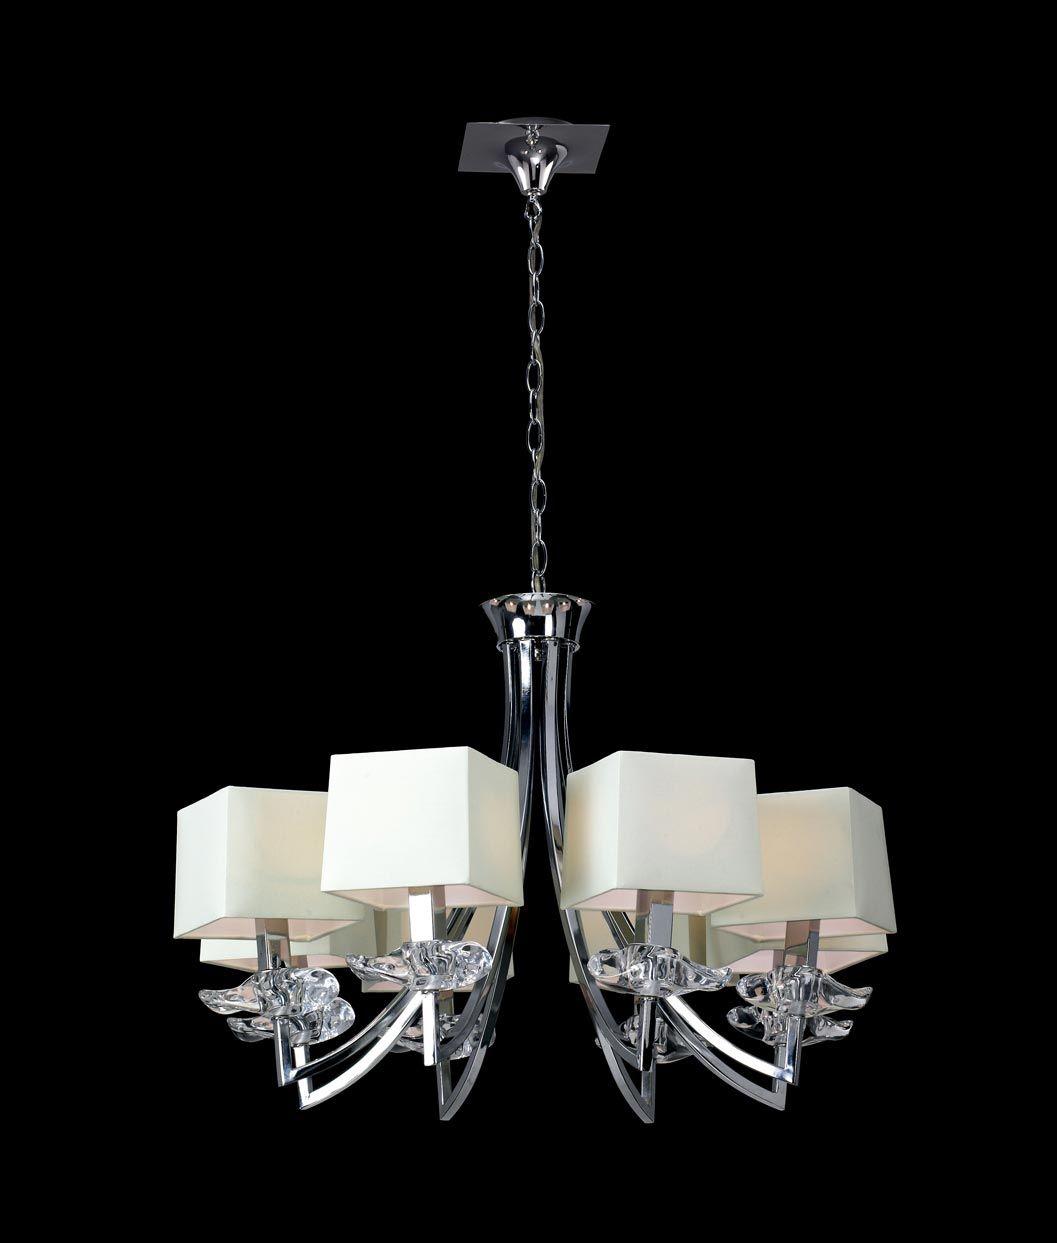 Lámpara colgante crema y cromo 8 luces AKIRA detalle